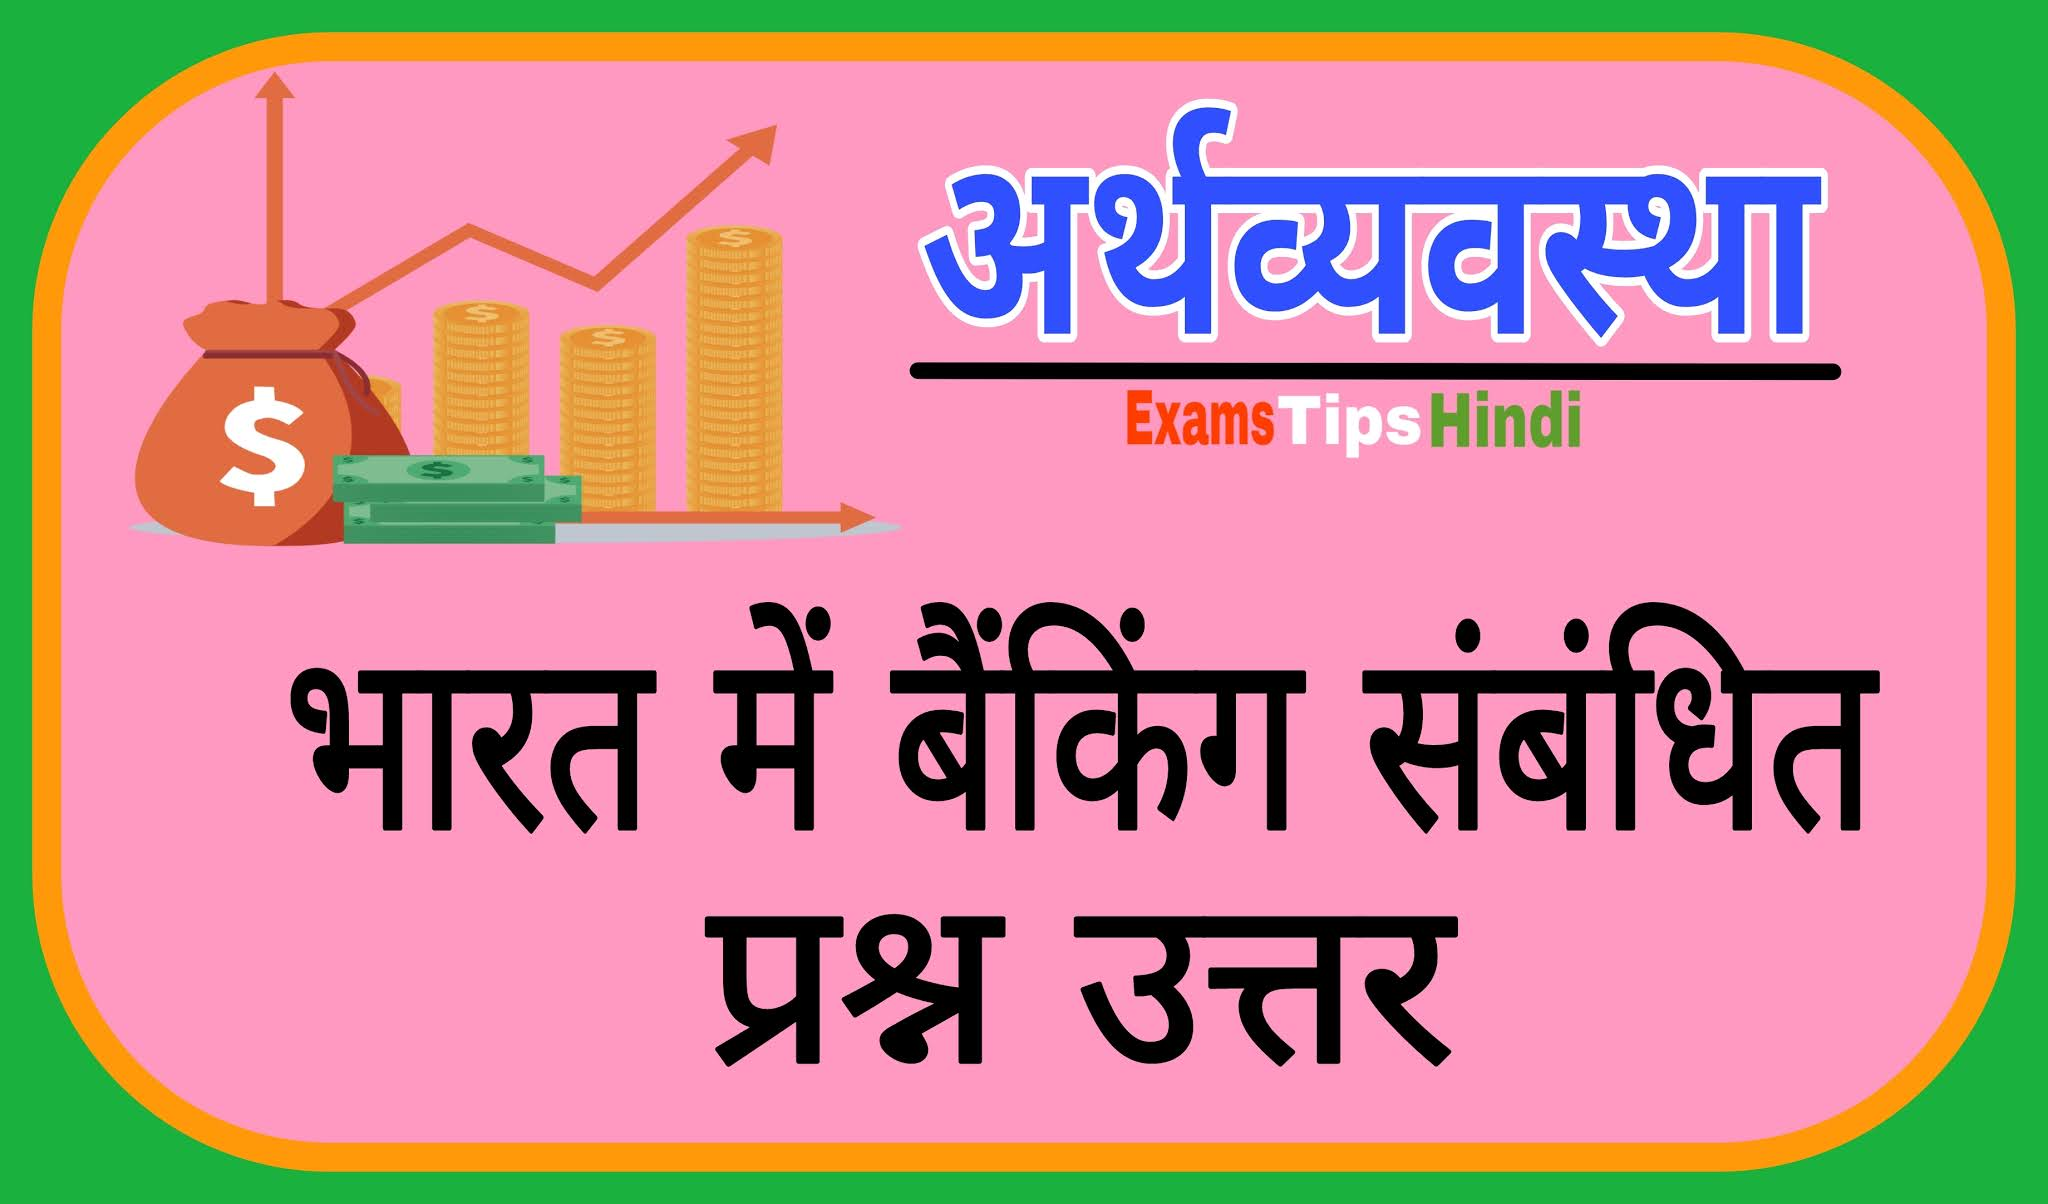 भारत में बैंकिंग संबंधित जानकारी, बैंकिंग संबंधित प्रश्न उत्तर, Banking related Important Questions